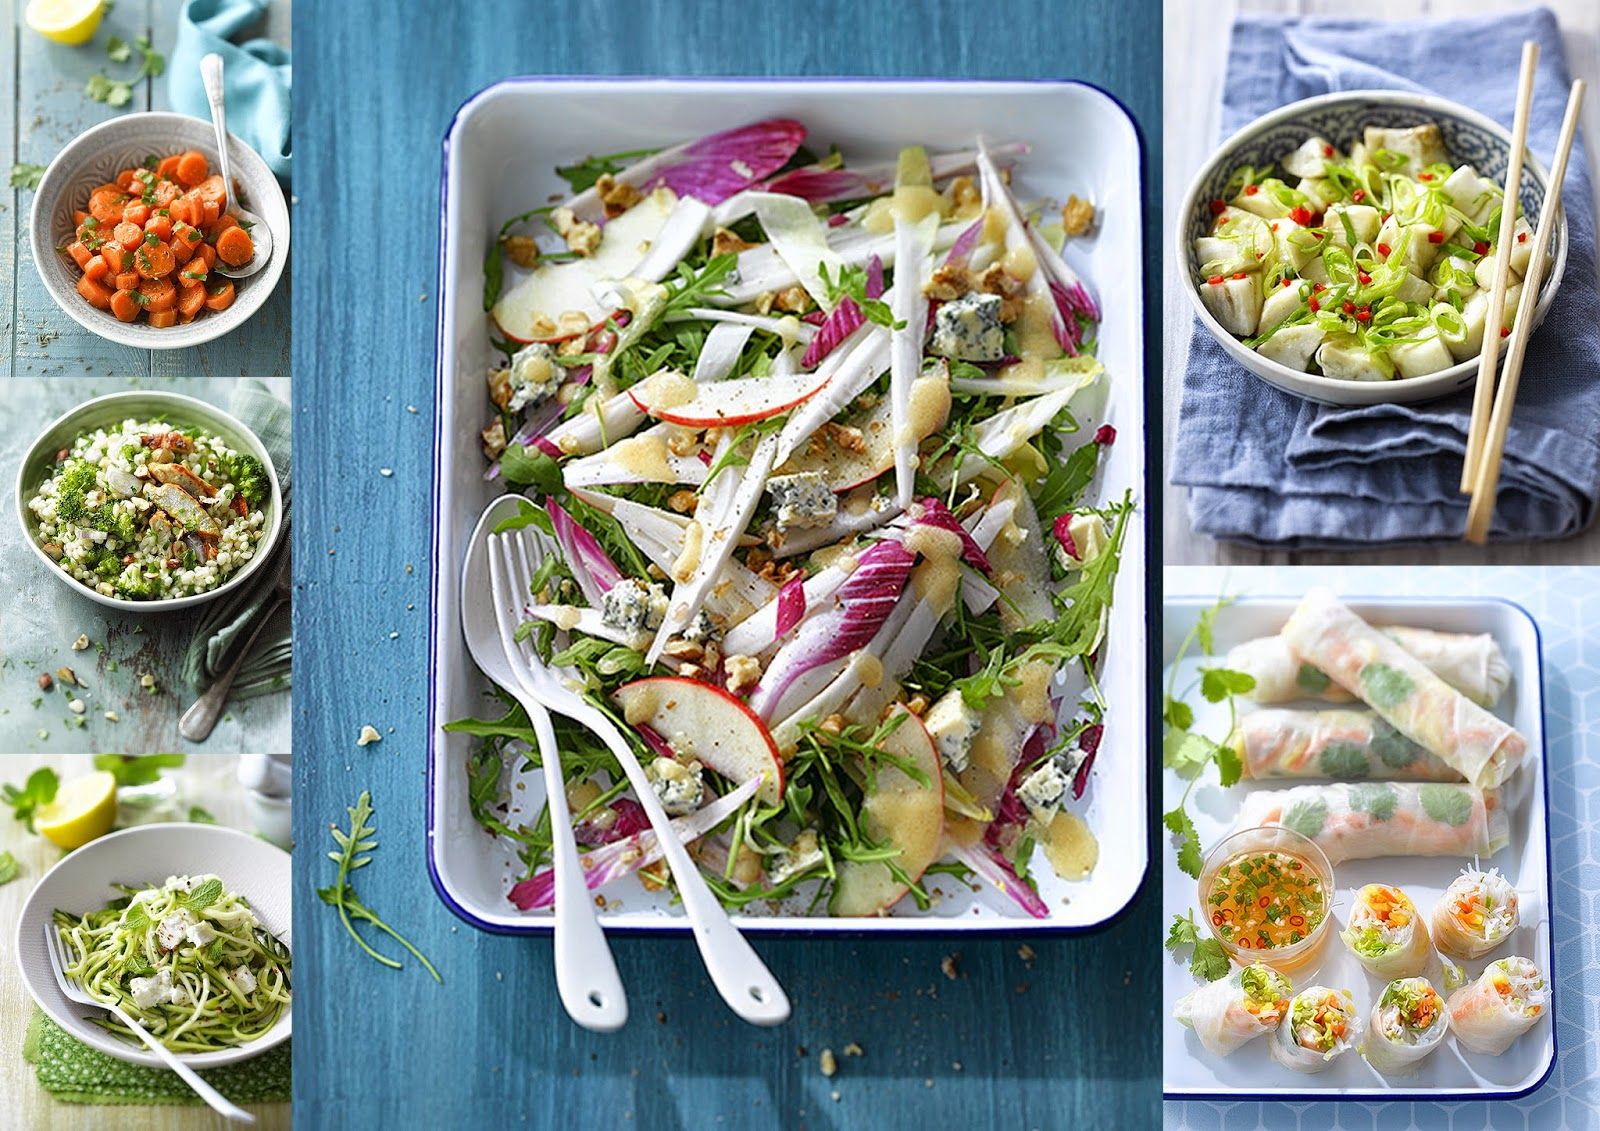 Gourmandises et merveilles salades mon nouveau livre - Hachette cuisine fait maison ...